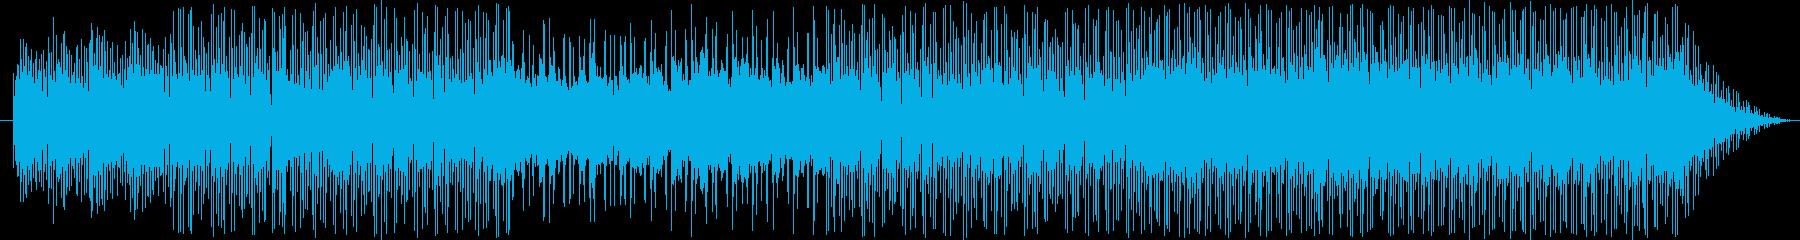 古楽器とラテンのコラボの再生済みの波形